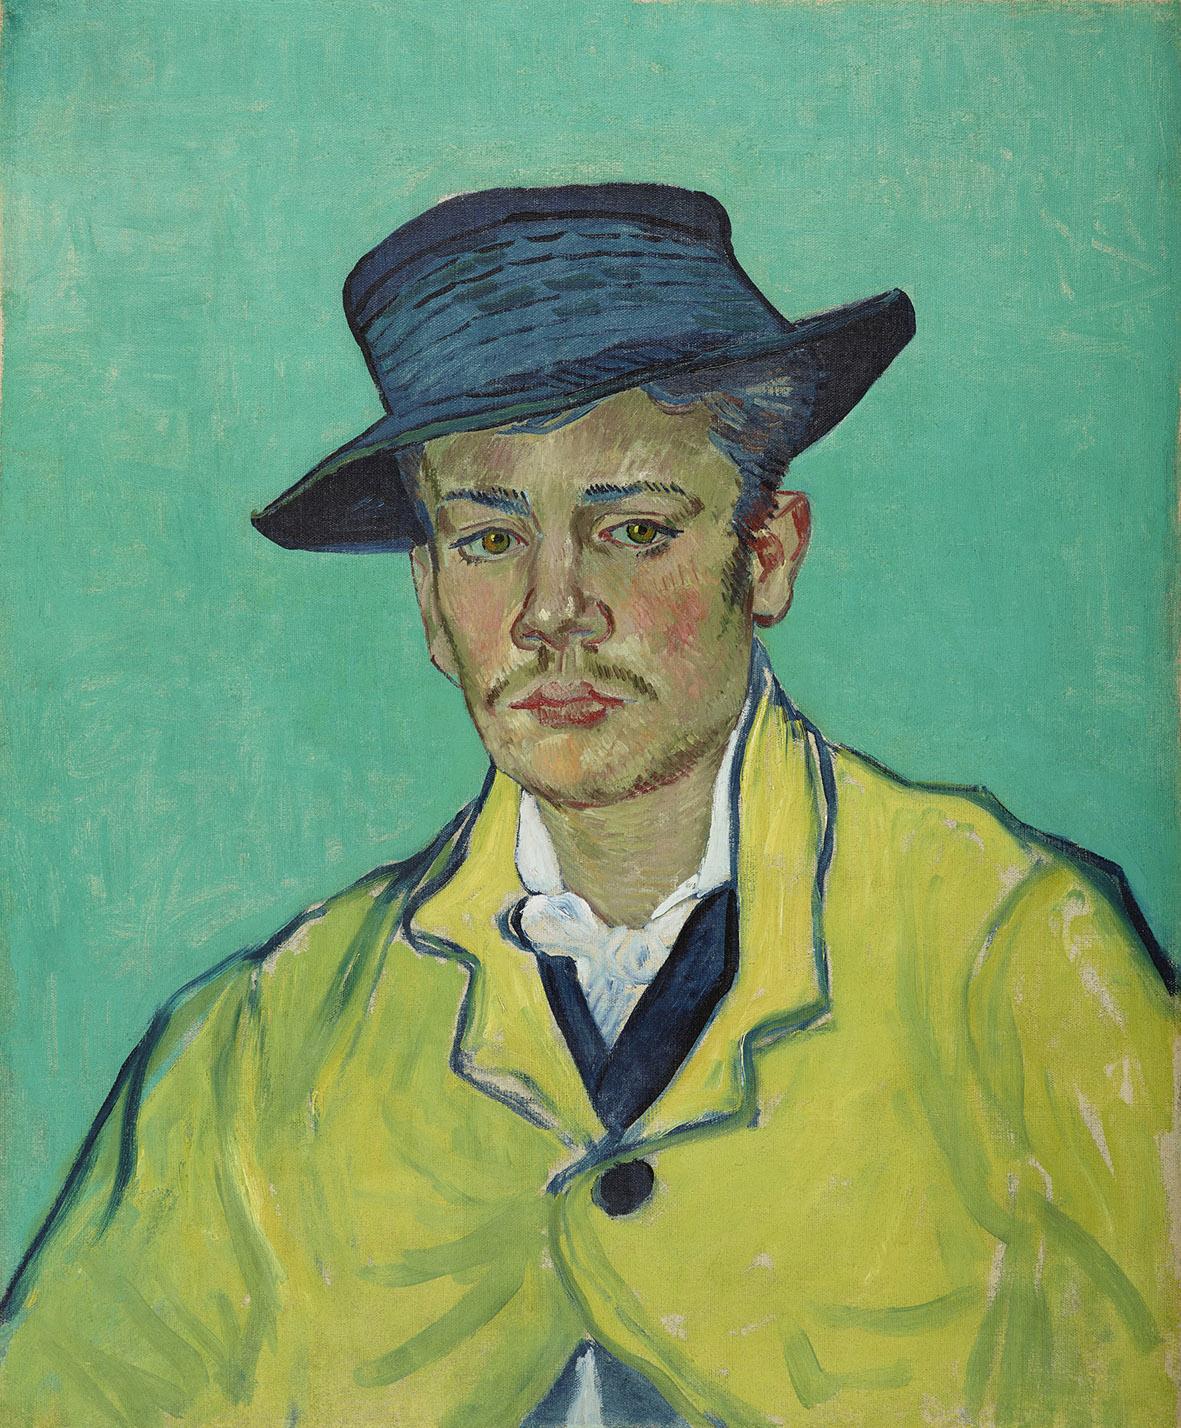 Vincentg van Gogh, Ritratto di Armand Roulin, 1888, olio su tela, cm 65X54.1